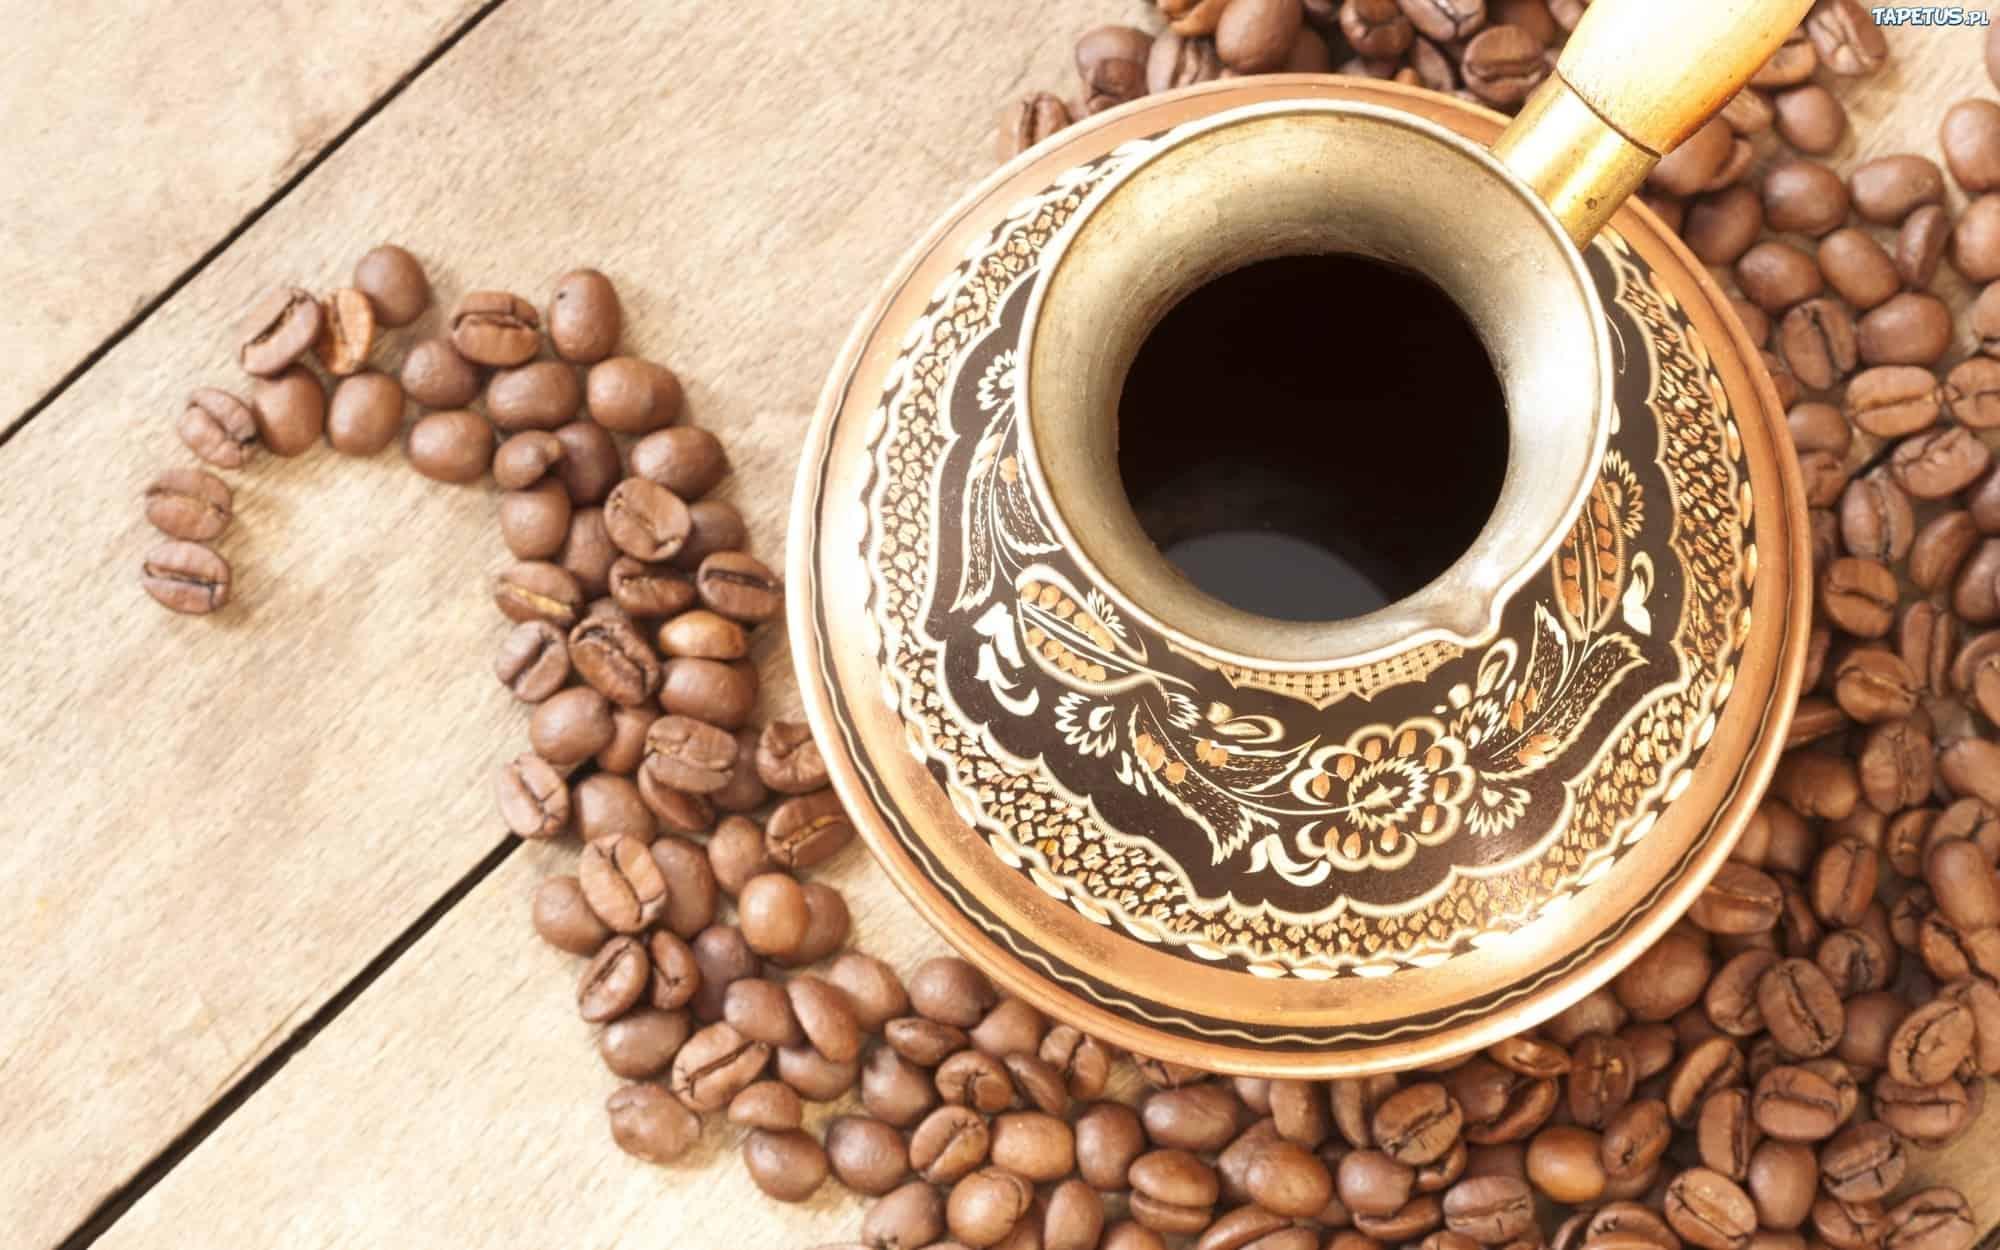 مكونات القهوة التركية